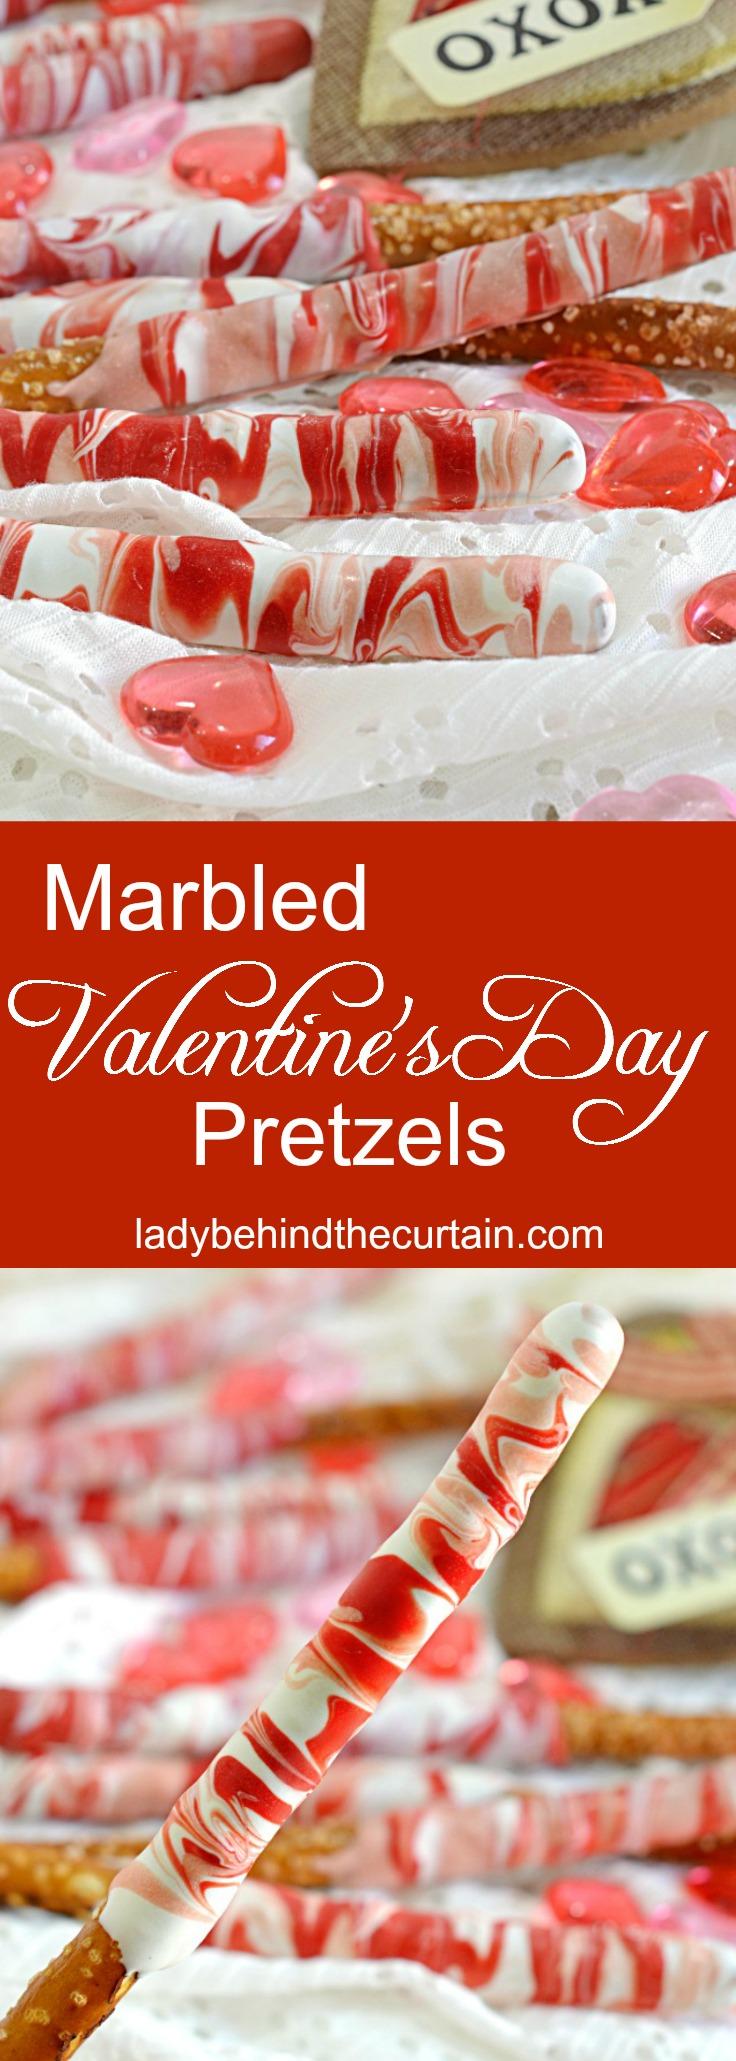 Marbled Valentine's Day Pretzels| decorated pretzels, valentine's day pretzels, marble pretzels, valentine's day dessert